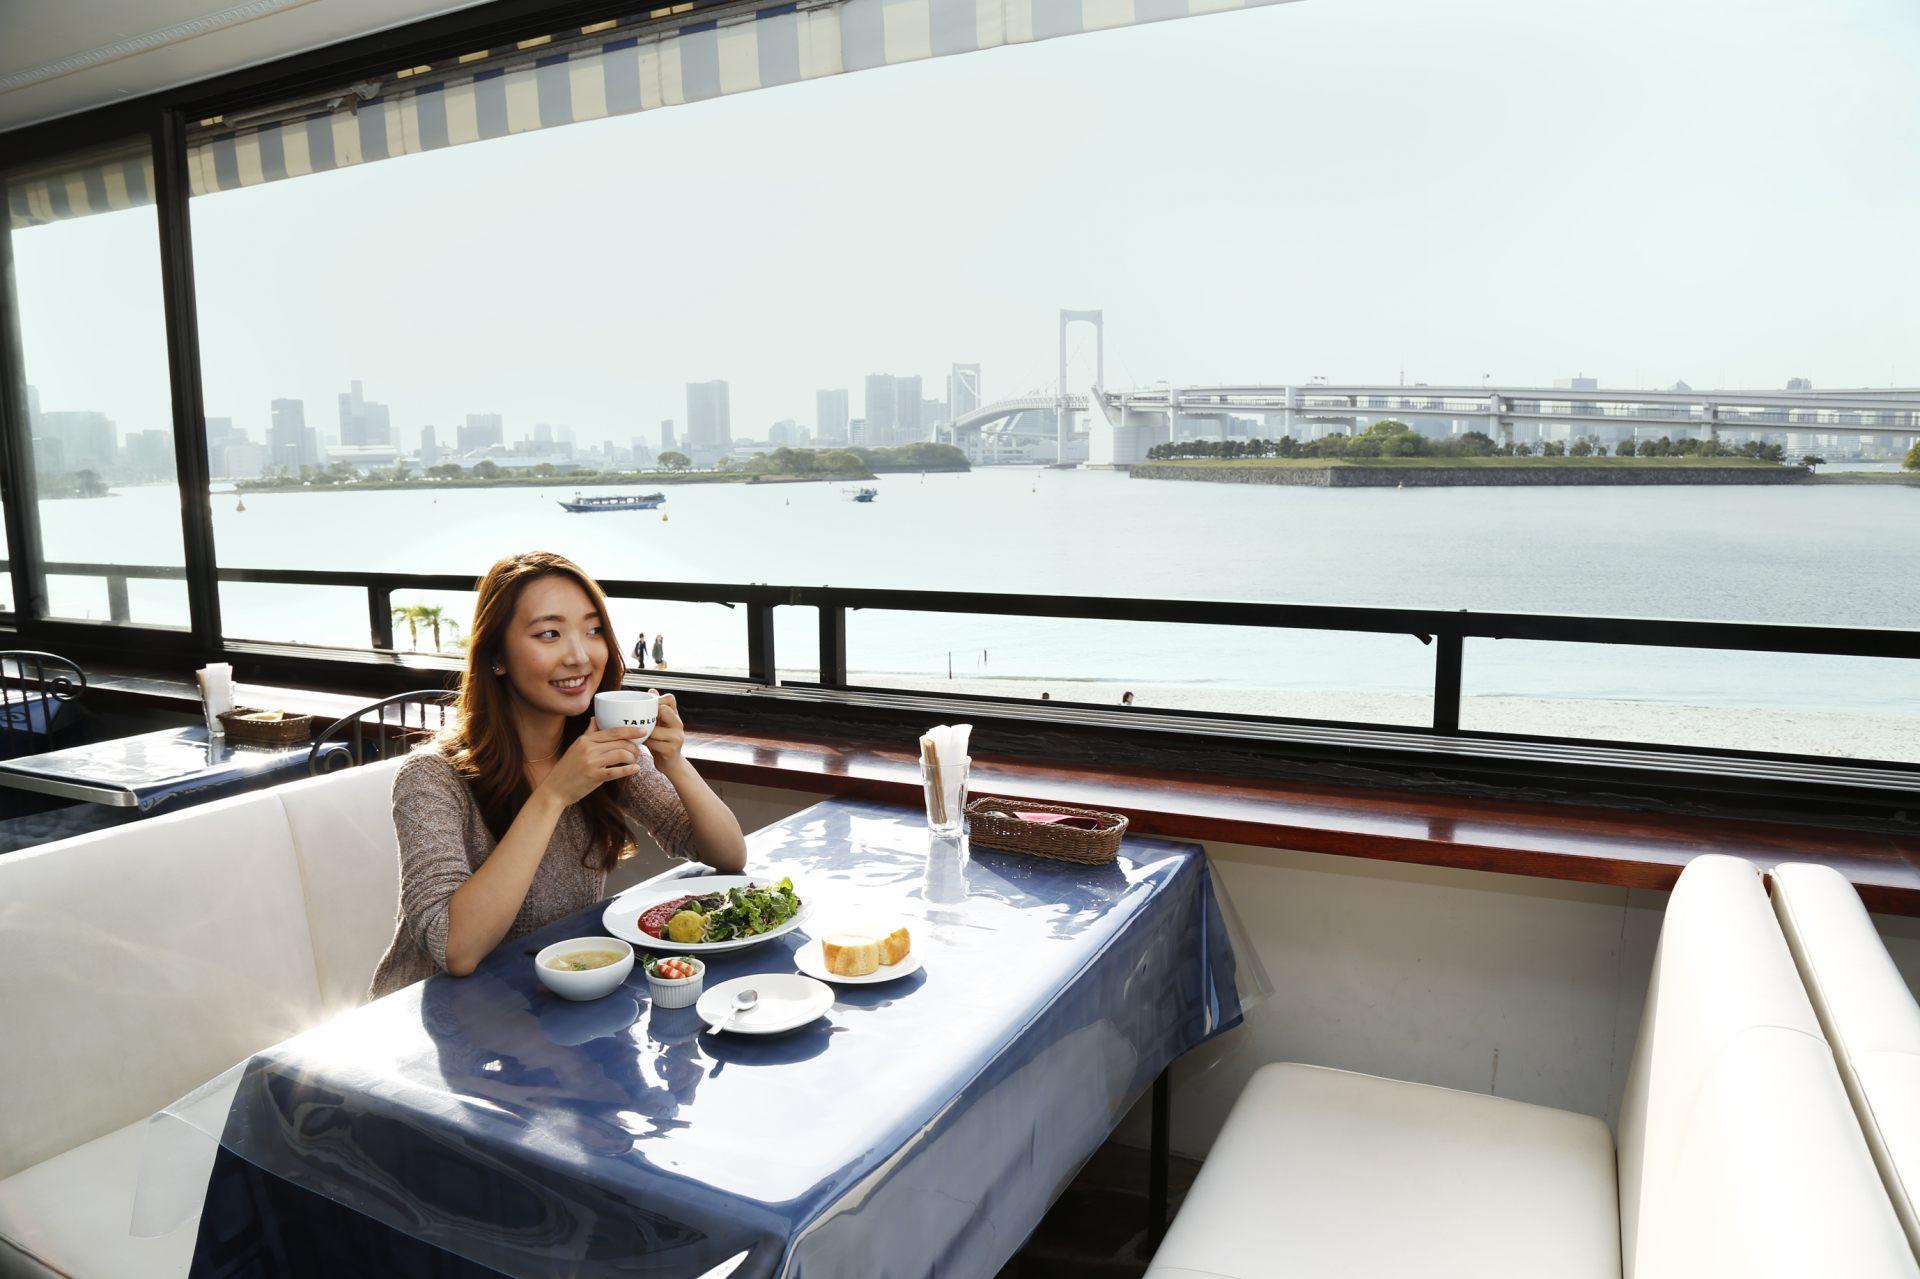 边欣赏东京湾景色边用餐♡